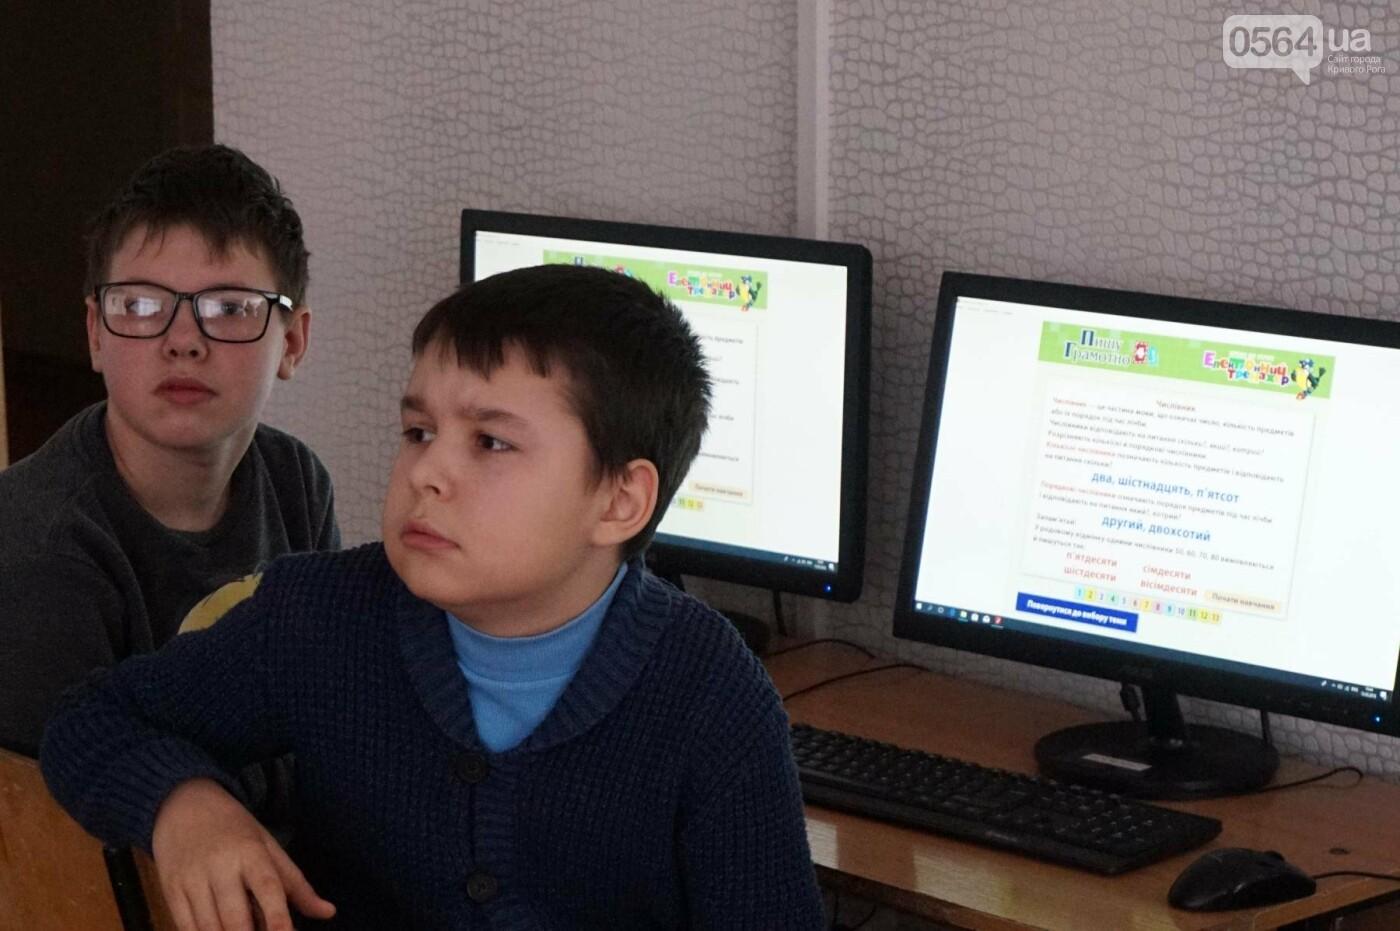 Приближаясь к Европе: Как в школах Кривого Рога внедряют инклюзию (ФОТО), фото-33